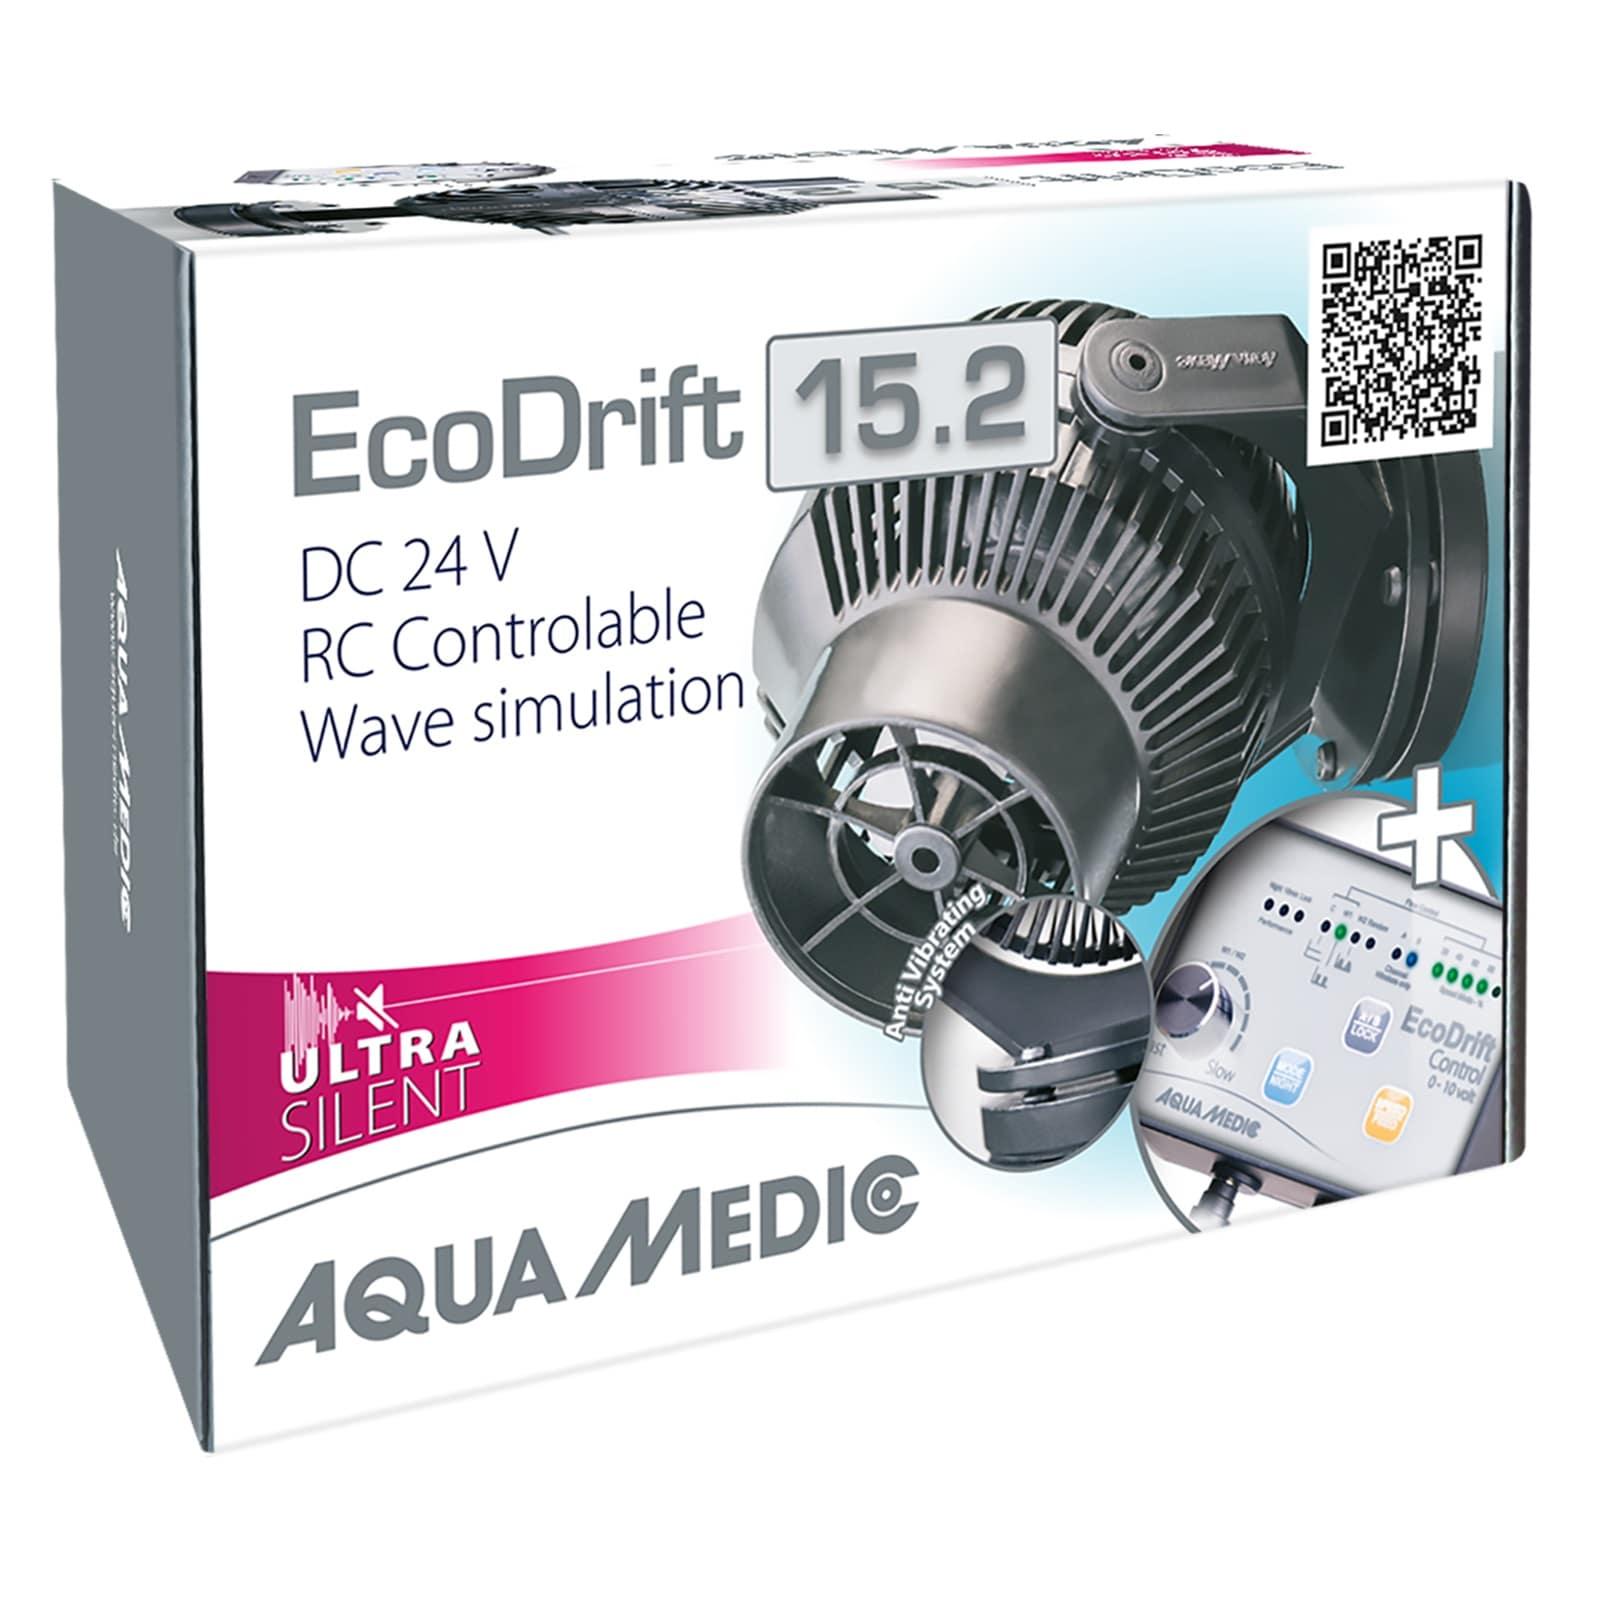 AQUA MEDIC ECODrift 15.2 Ultra Silent pompe de brassage 3000 à 15000 L/h avec contrôleur électronique pour aquarium jusqu\' à 1500L